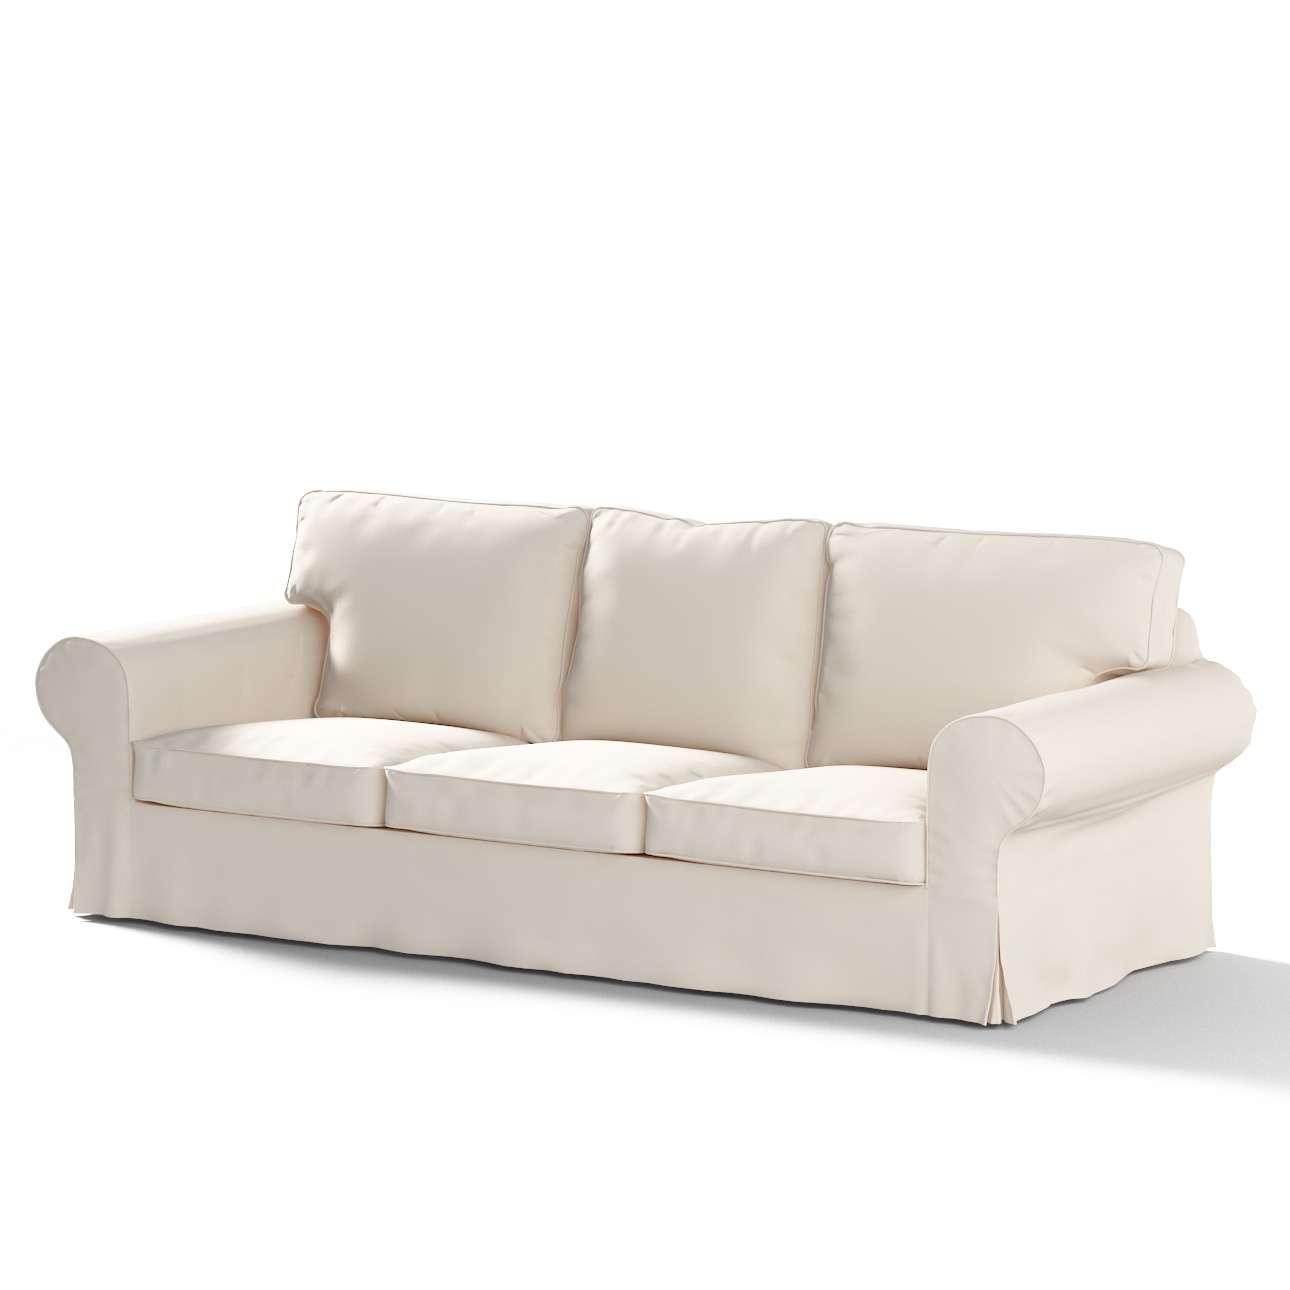 Ektorp 3-Sitzer Sofabezug nicht ausklappbar Sofabezug für  Ektorp 3-Sitzer nicht ausklappbar von der Kollektion Etna, Stoff: 705-01